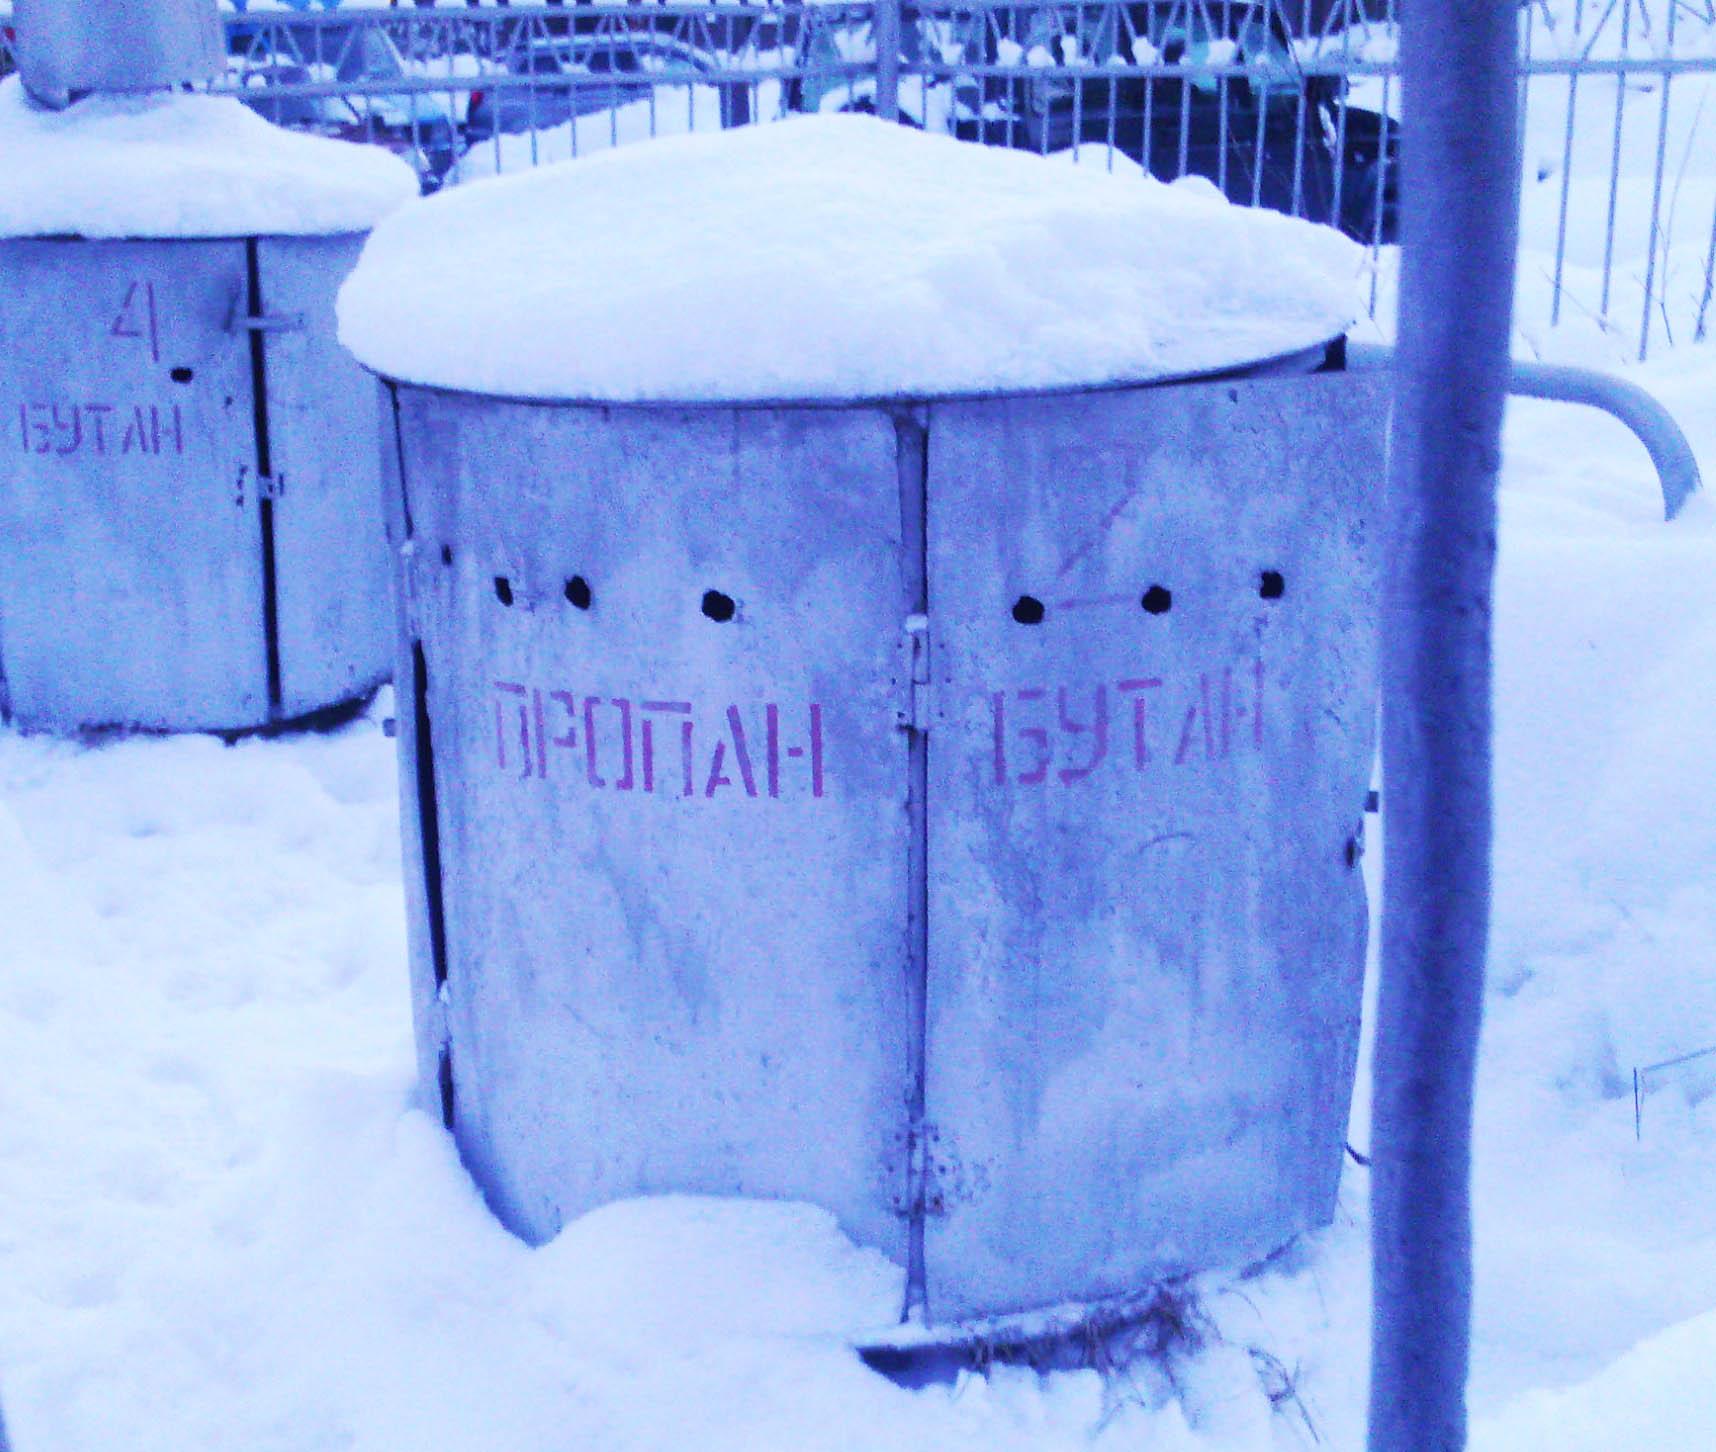 Большинство жителей Карелии по-прежнему вынуждено пользоваться сжиженным газом. Фото: Валерий Поташов